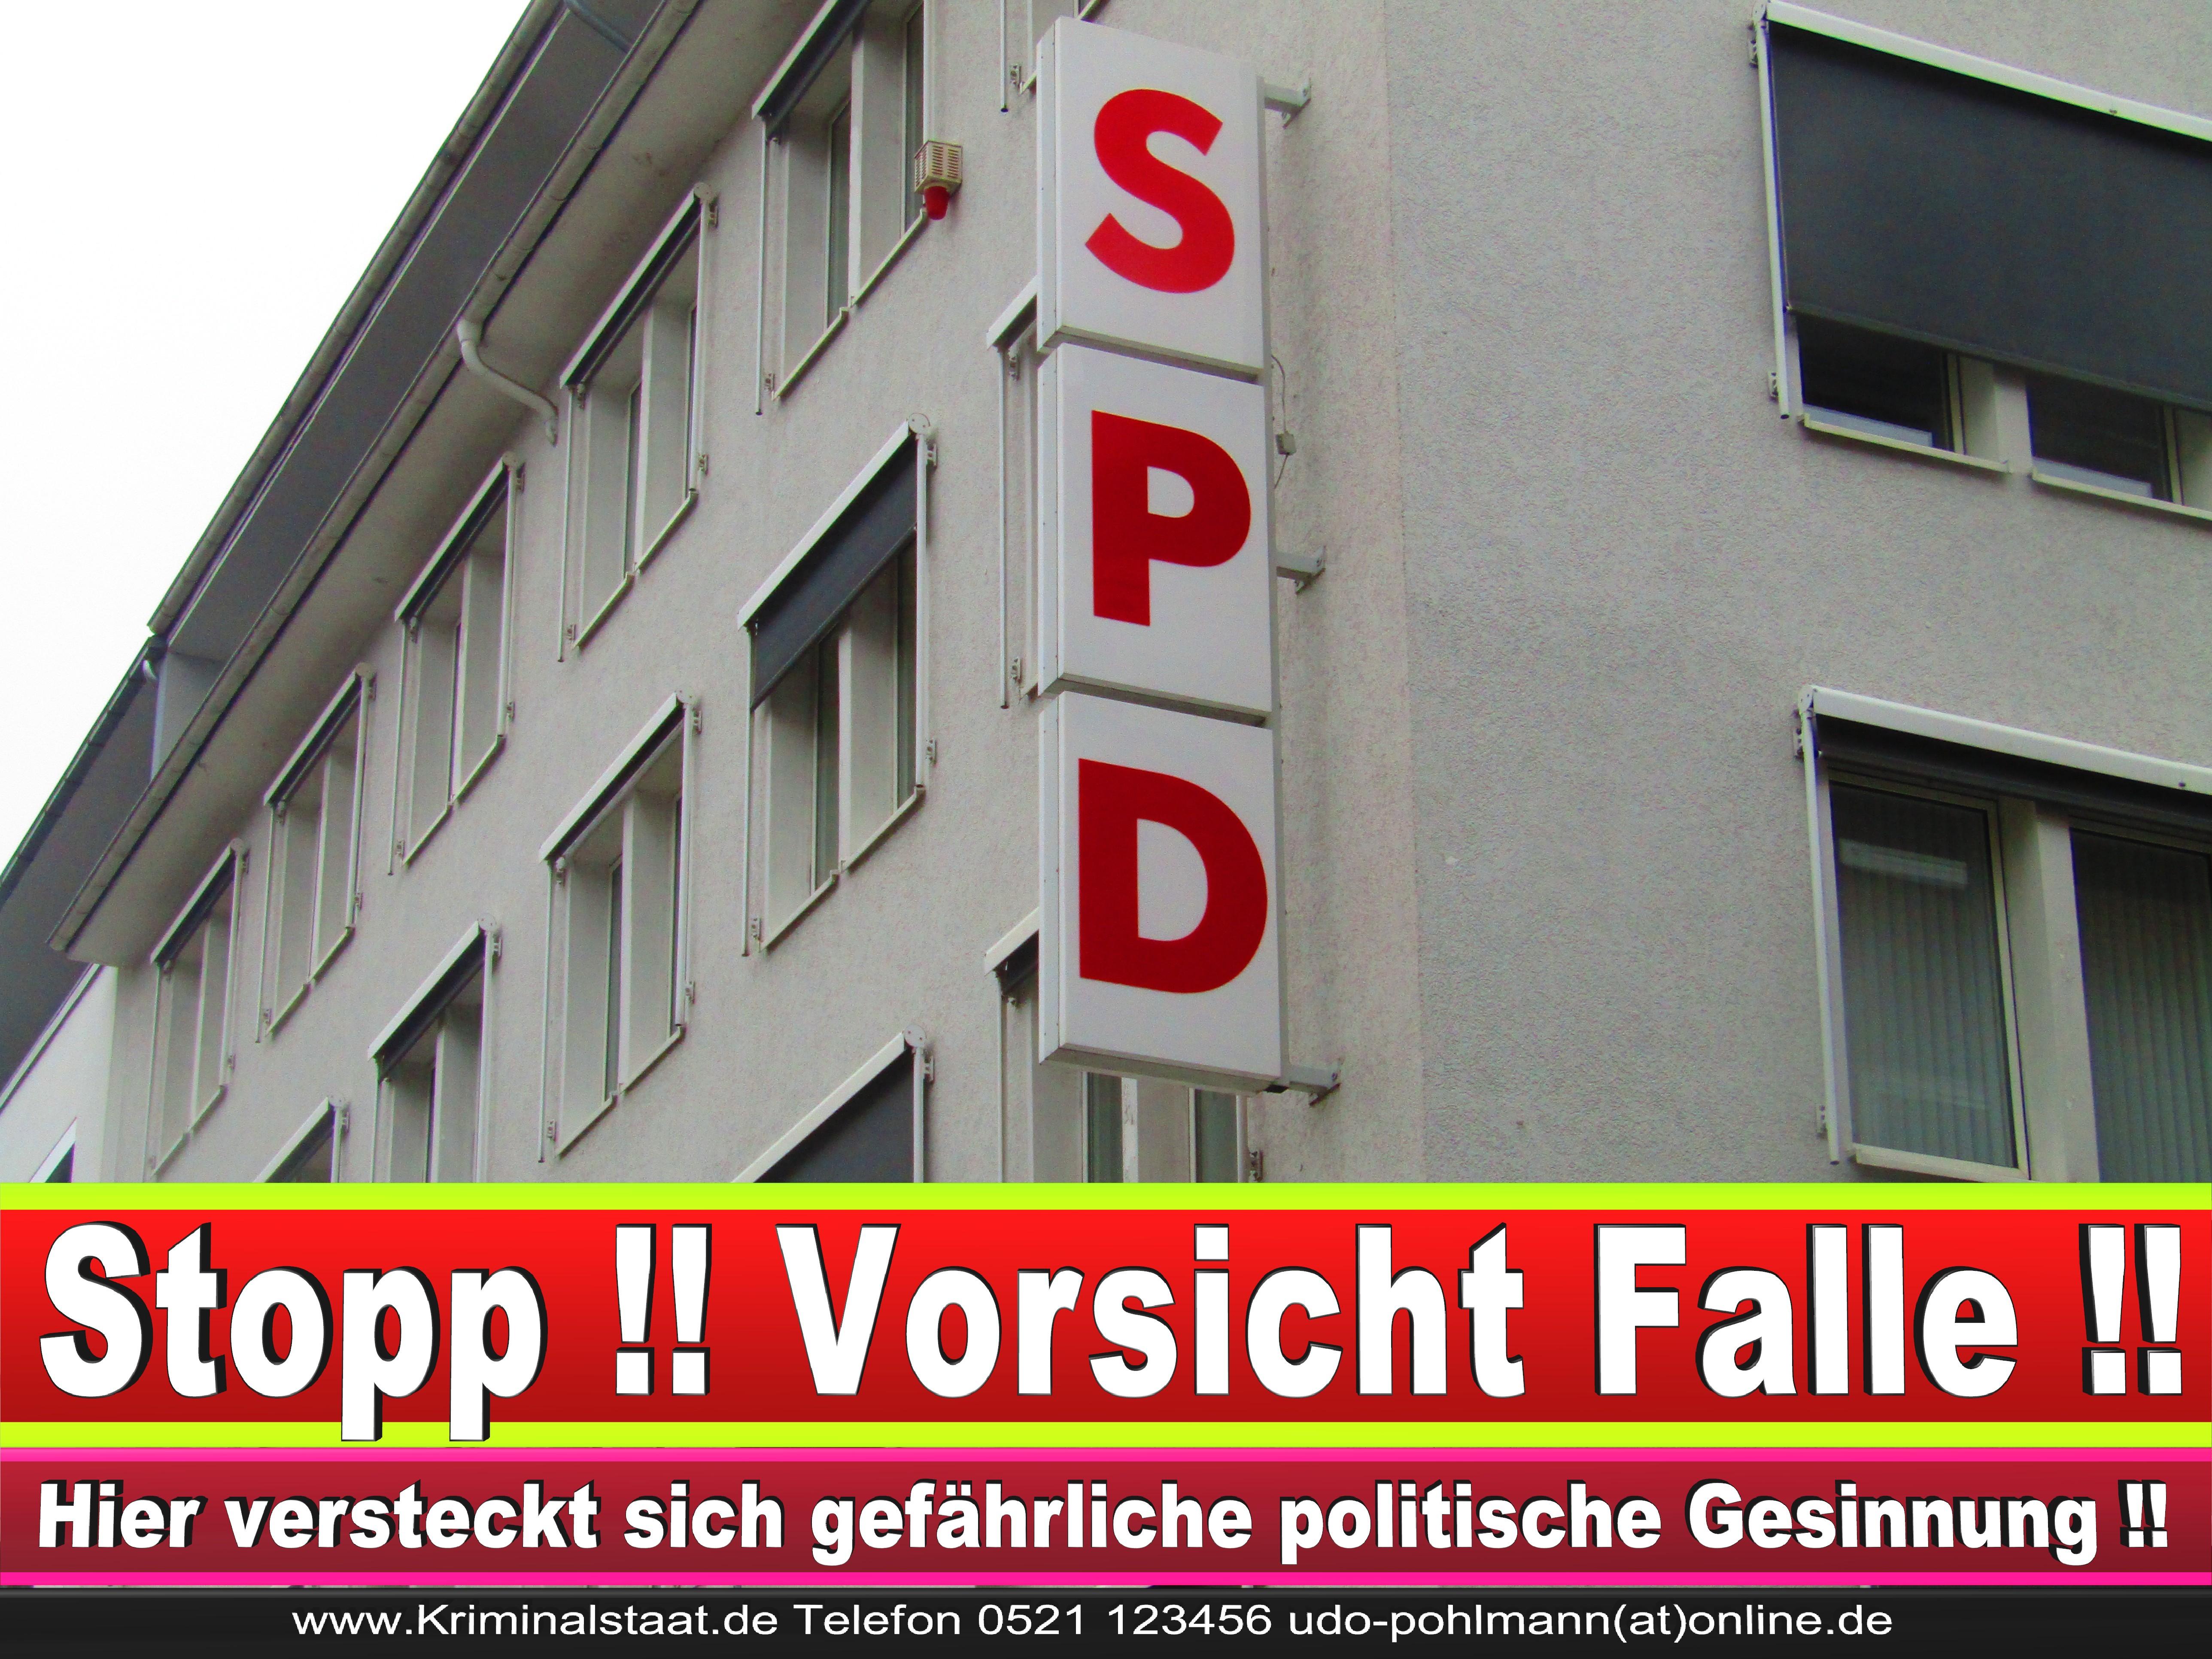 SPD DORTMUND BüRGERBüRO SPD ORTSVERBAND RAT STADT RATSMITGLIEDER SPD FRAKTION GESCHäFTSSTELLE SPD NRW ADRESSE (15) 1 1